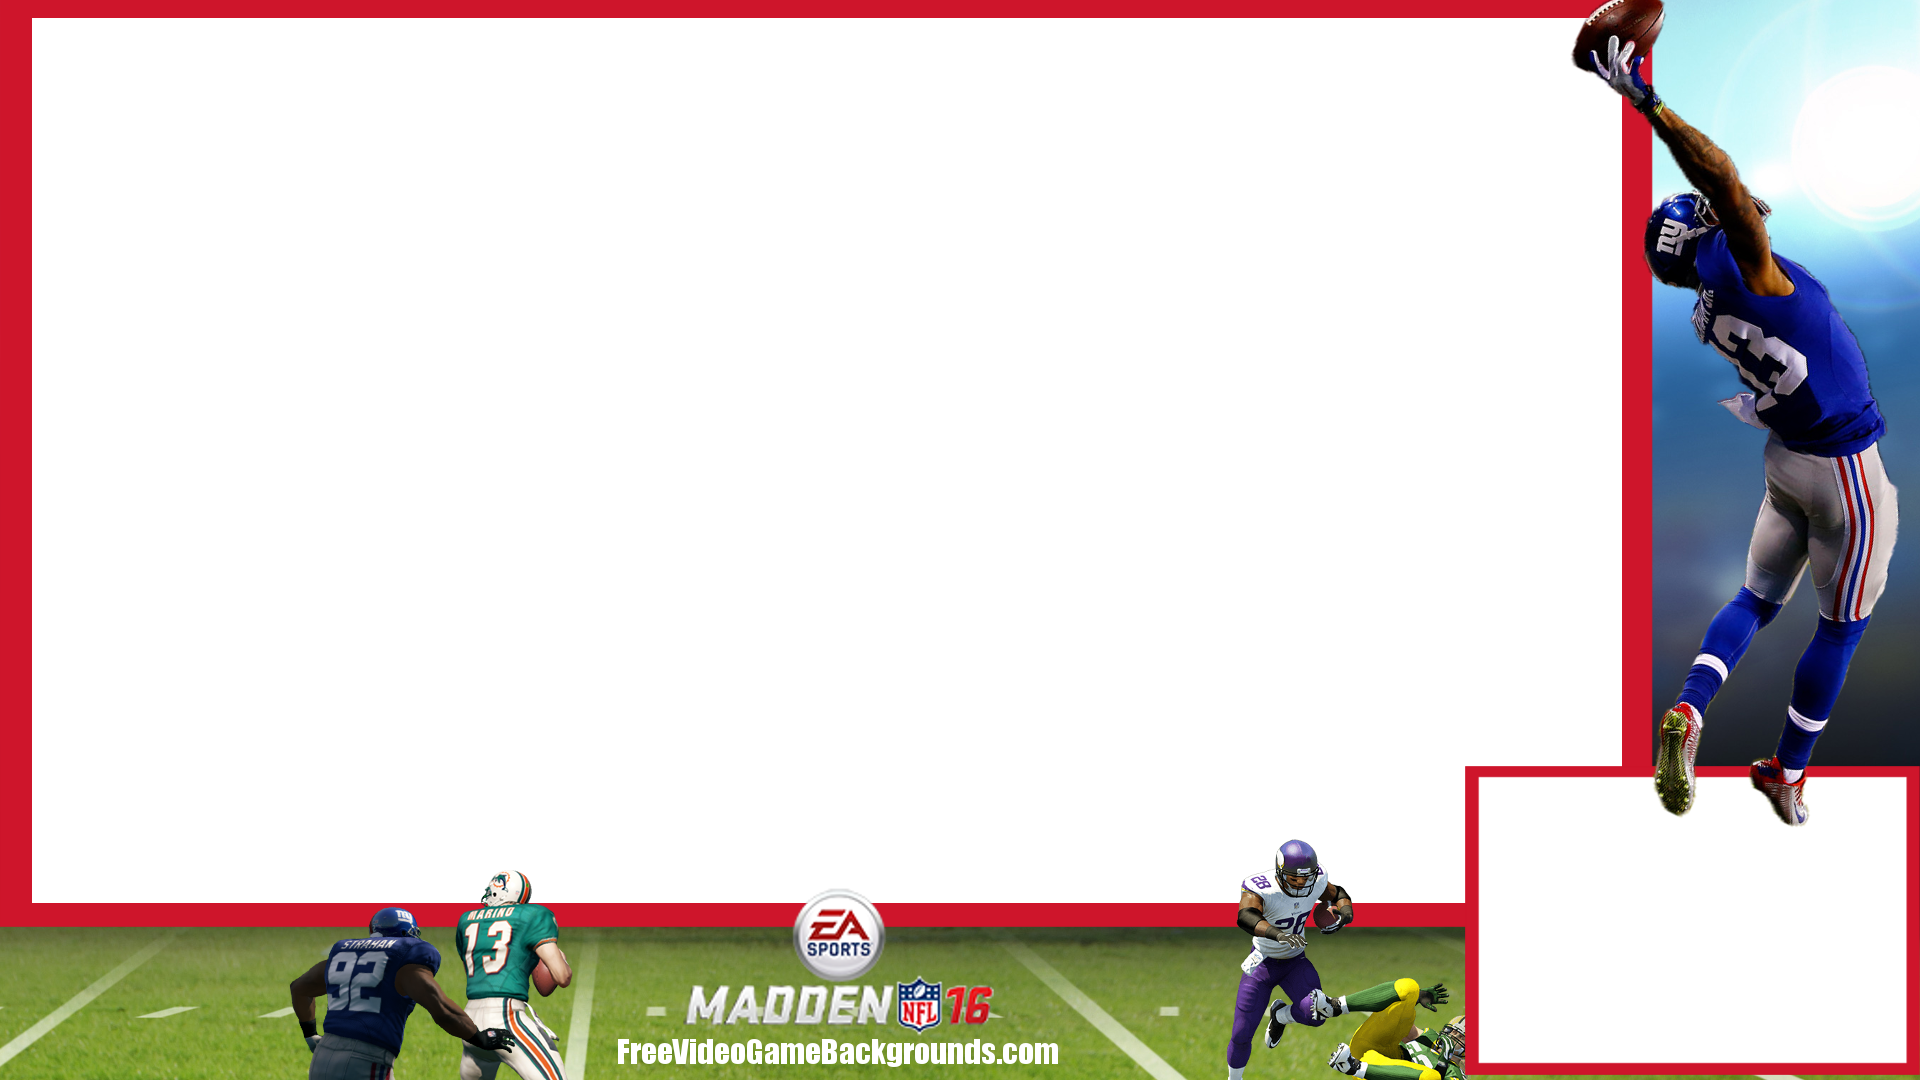 madden 16 twitch overlay